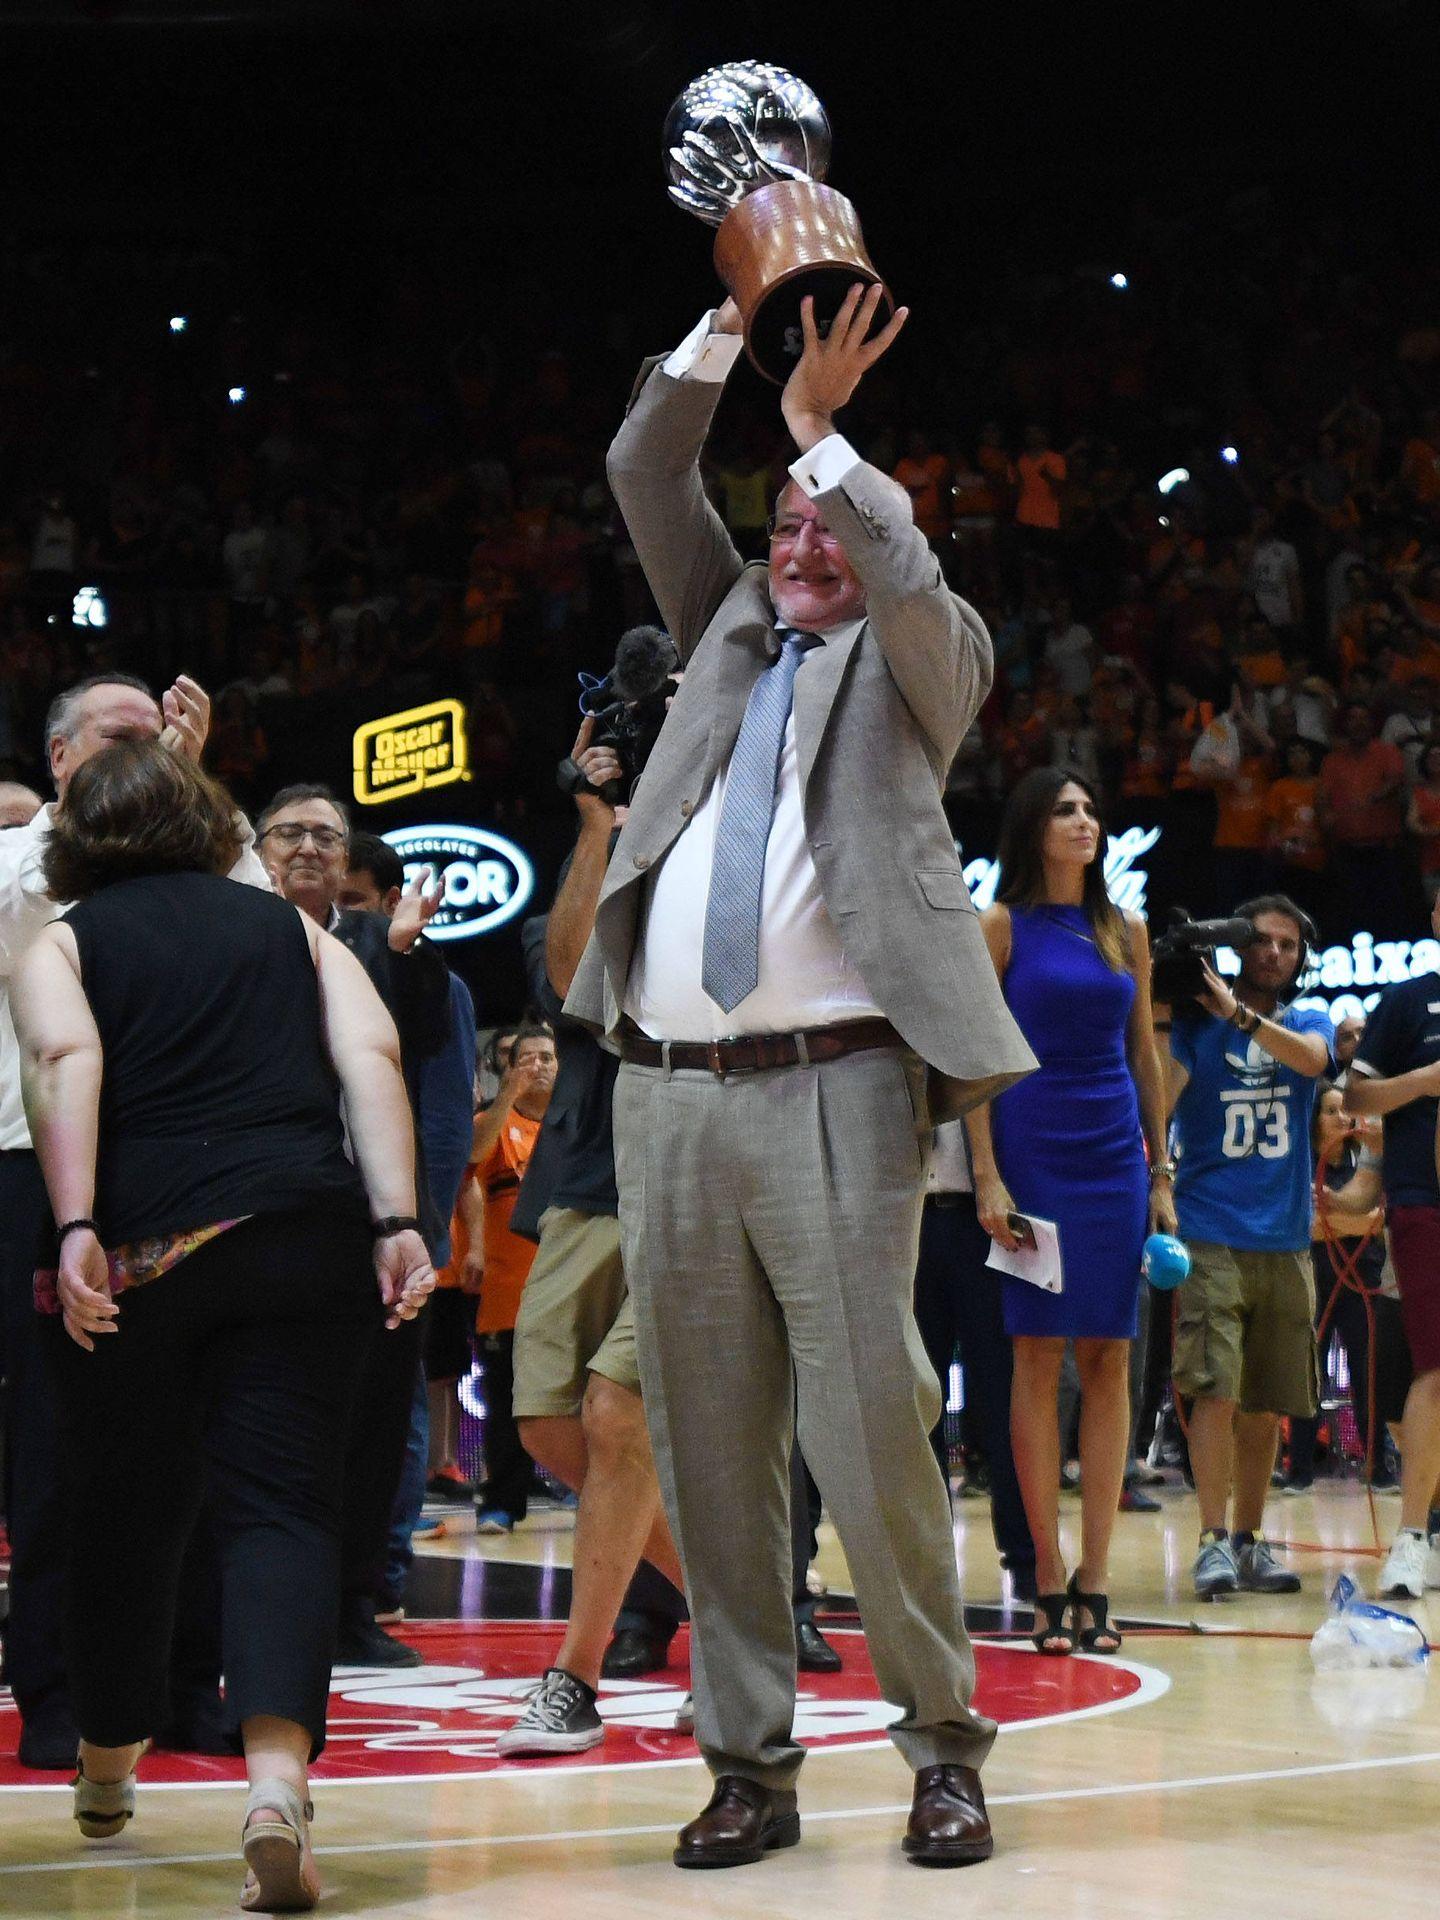 Juan Roig levanta el título de la ACB tras la victoria del Valencia en el cuarto partido de la final. (ACB Photo)